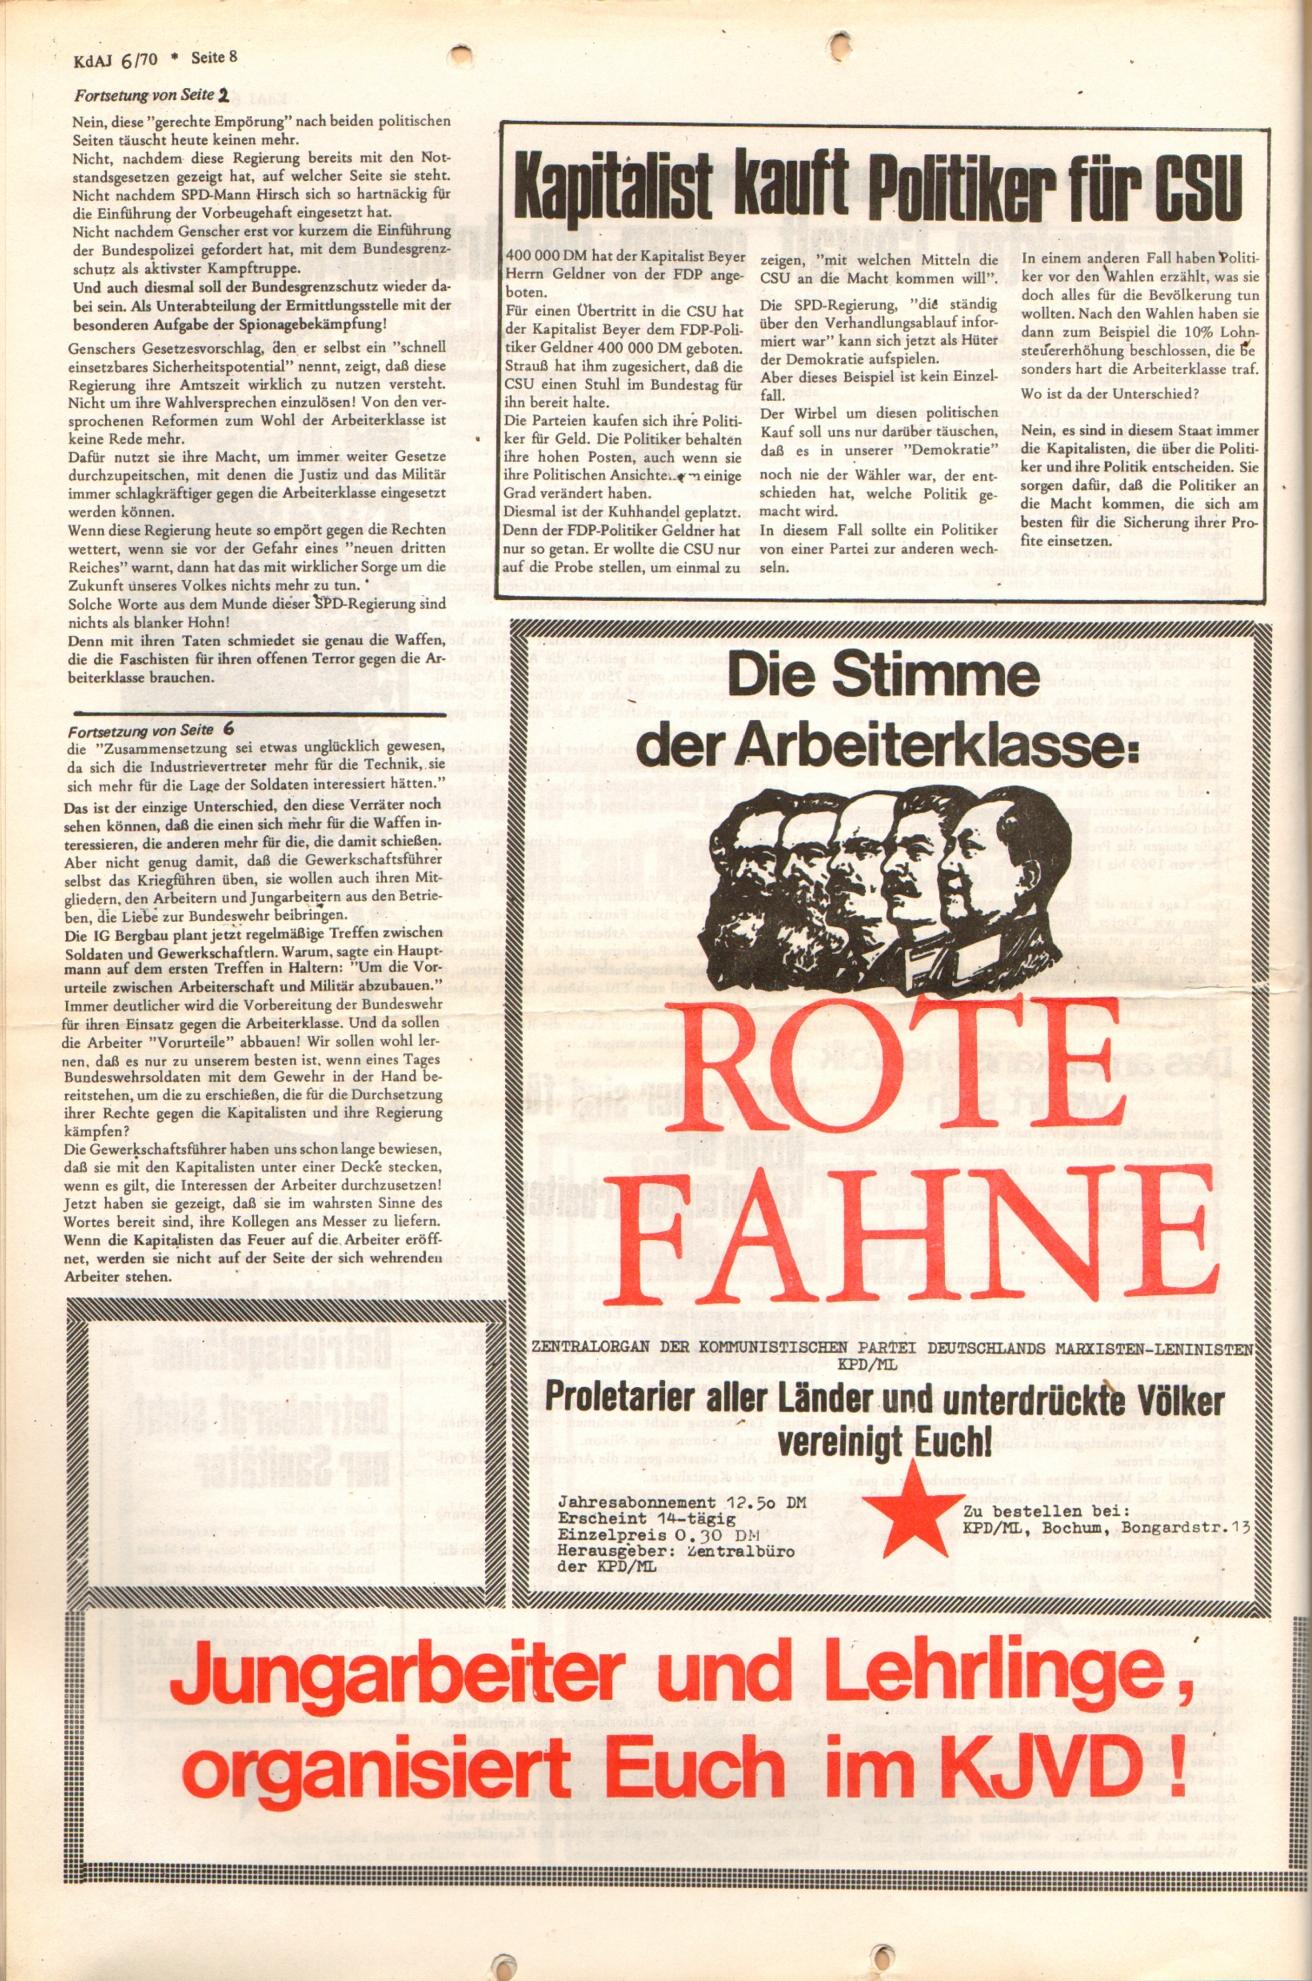 KDAJ, 1. Jg., Dezember 1970, Nr. 6, Seite 8